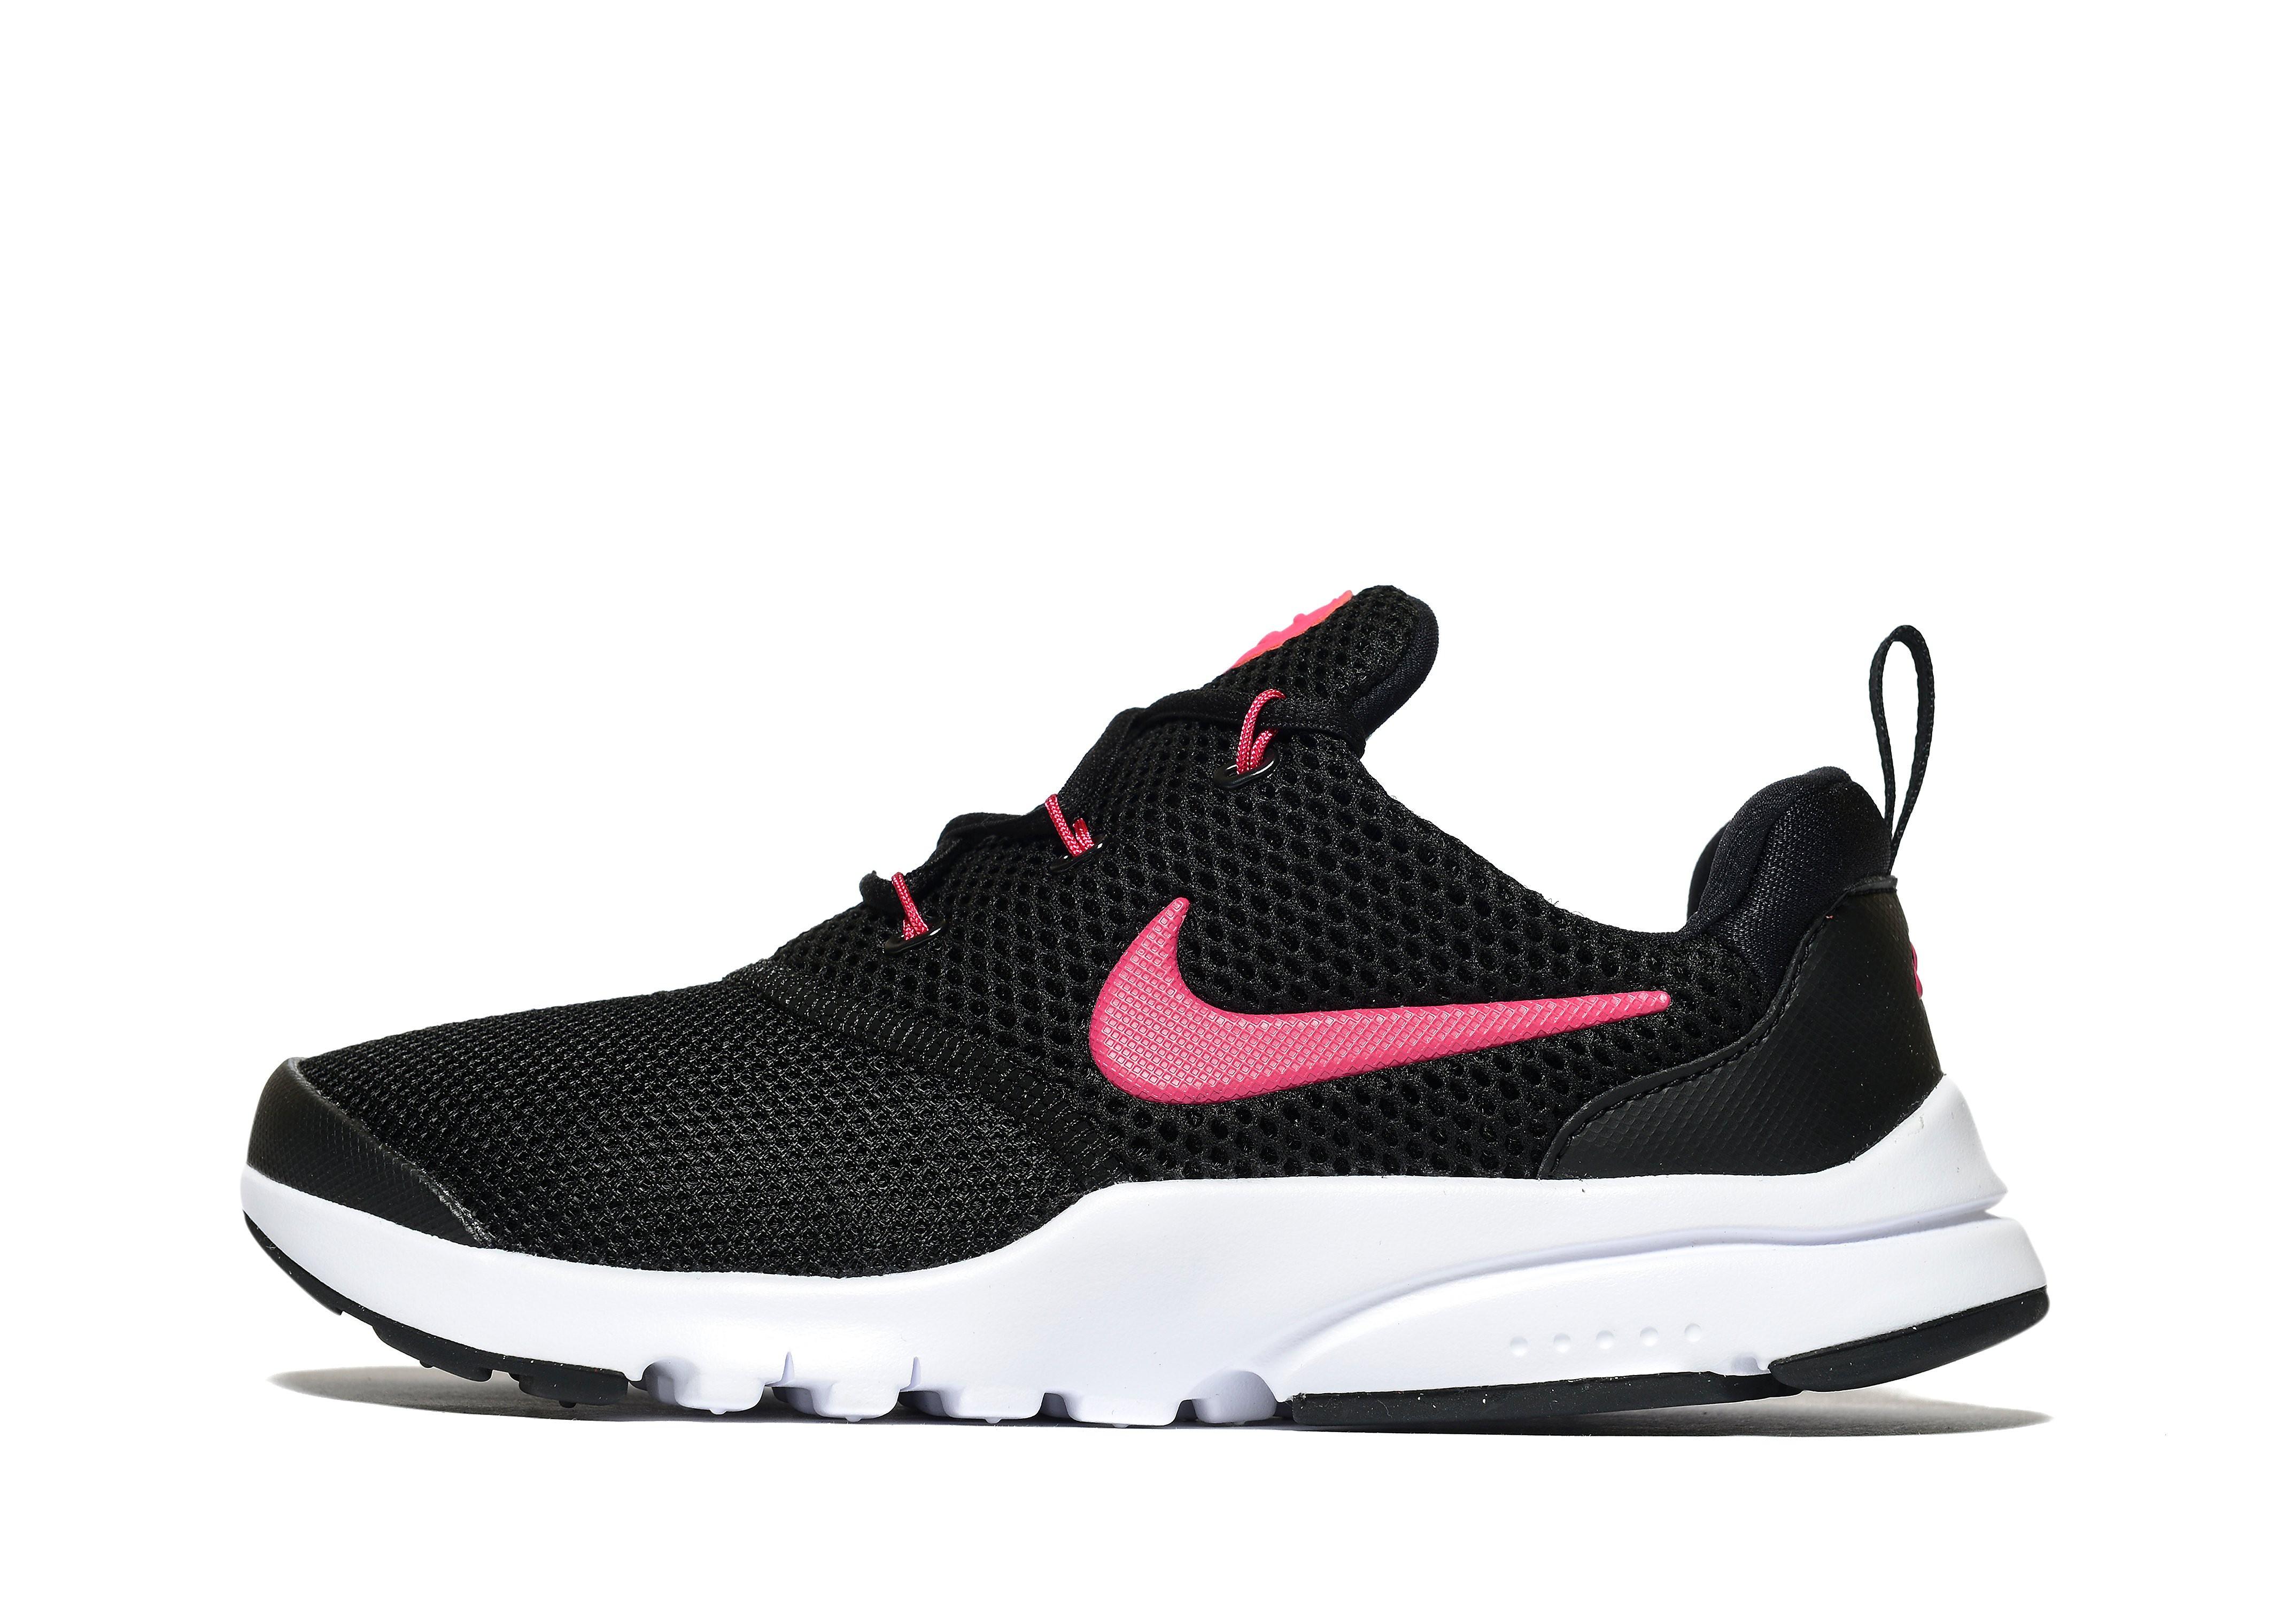 Nike Presto Fly Enfant